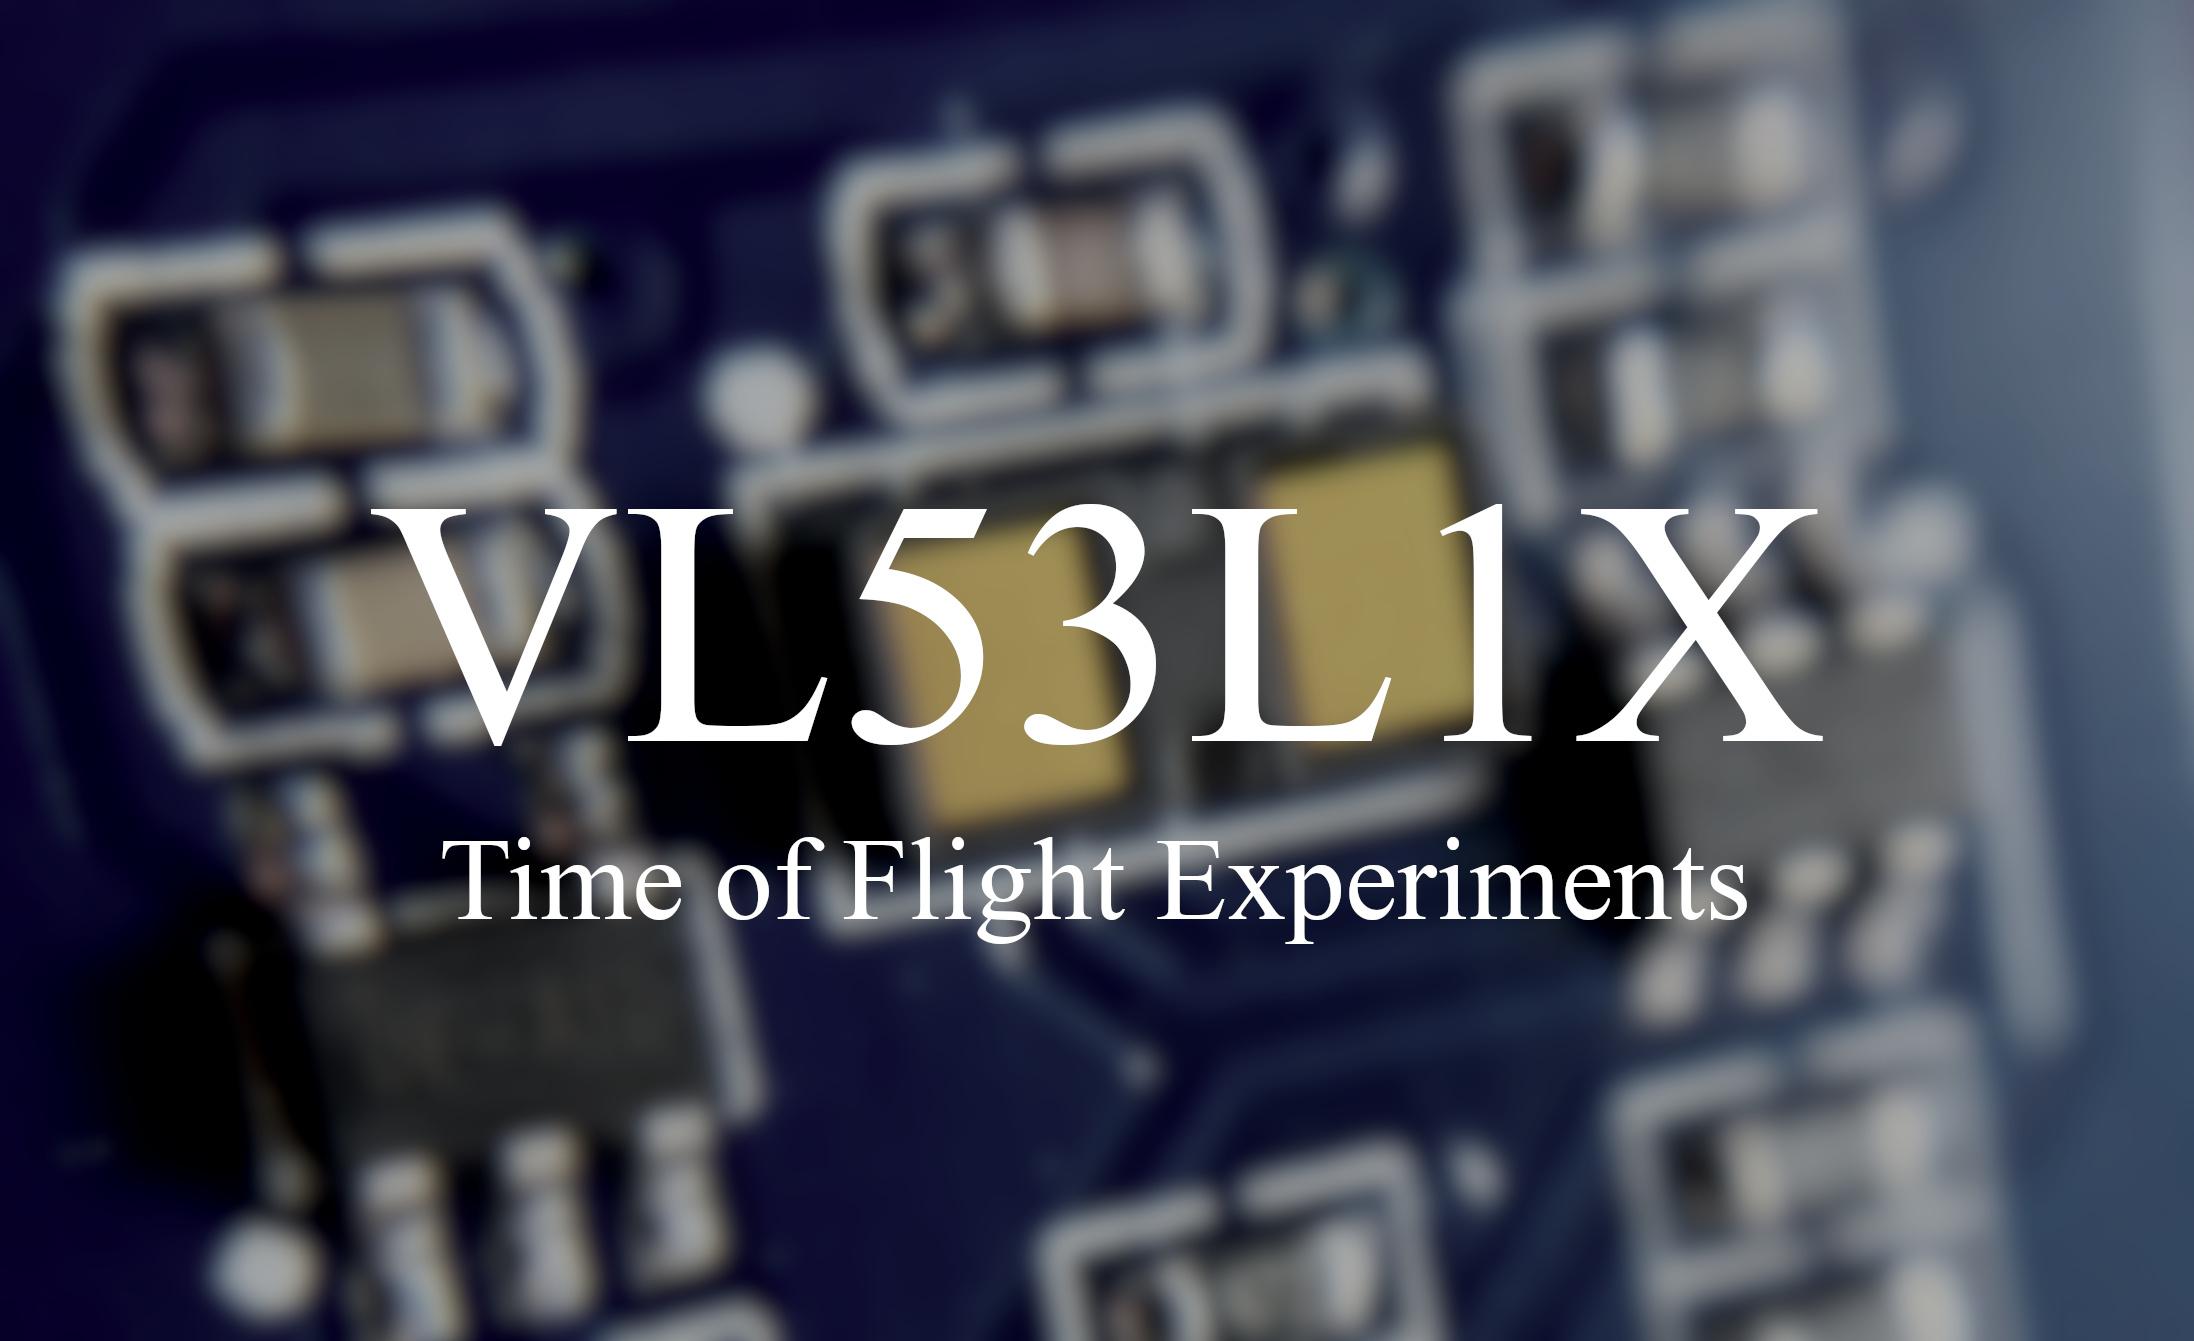 Arduino + VL53L1X Time of Flight Distance Measurement